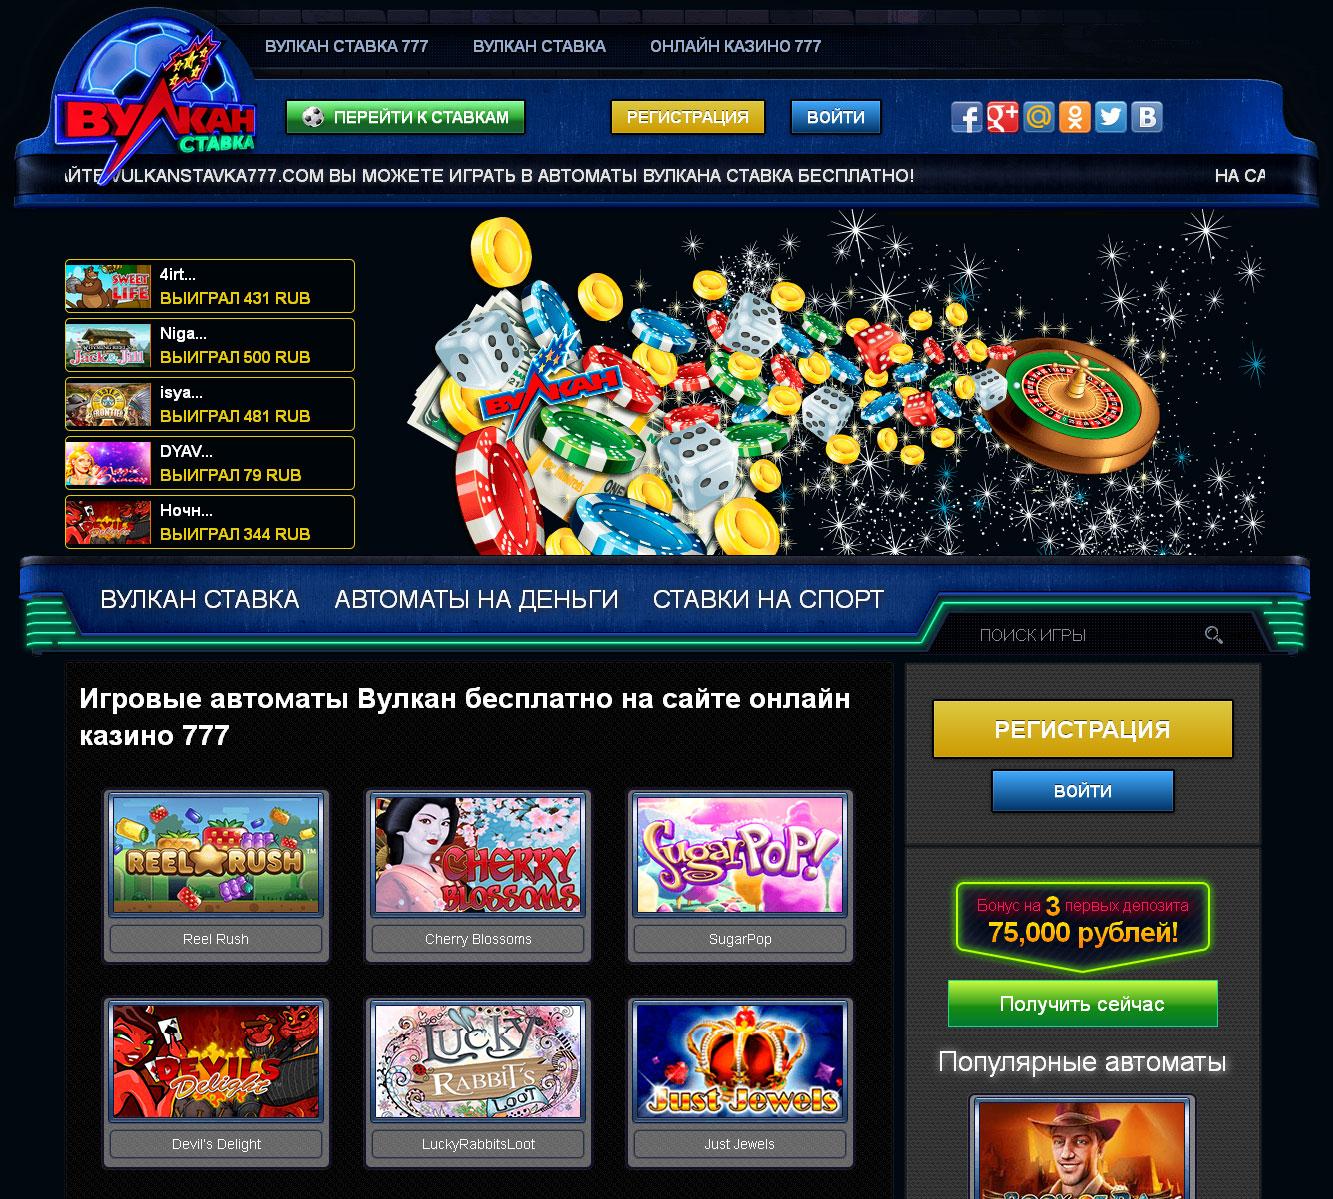 Игровые автоматы онлайн бесплатно елен казино казино 888 онлайн бесплатно